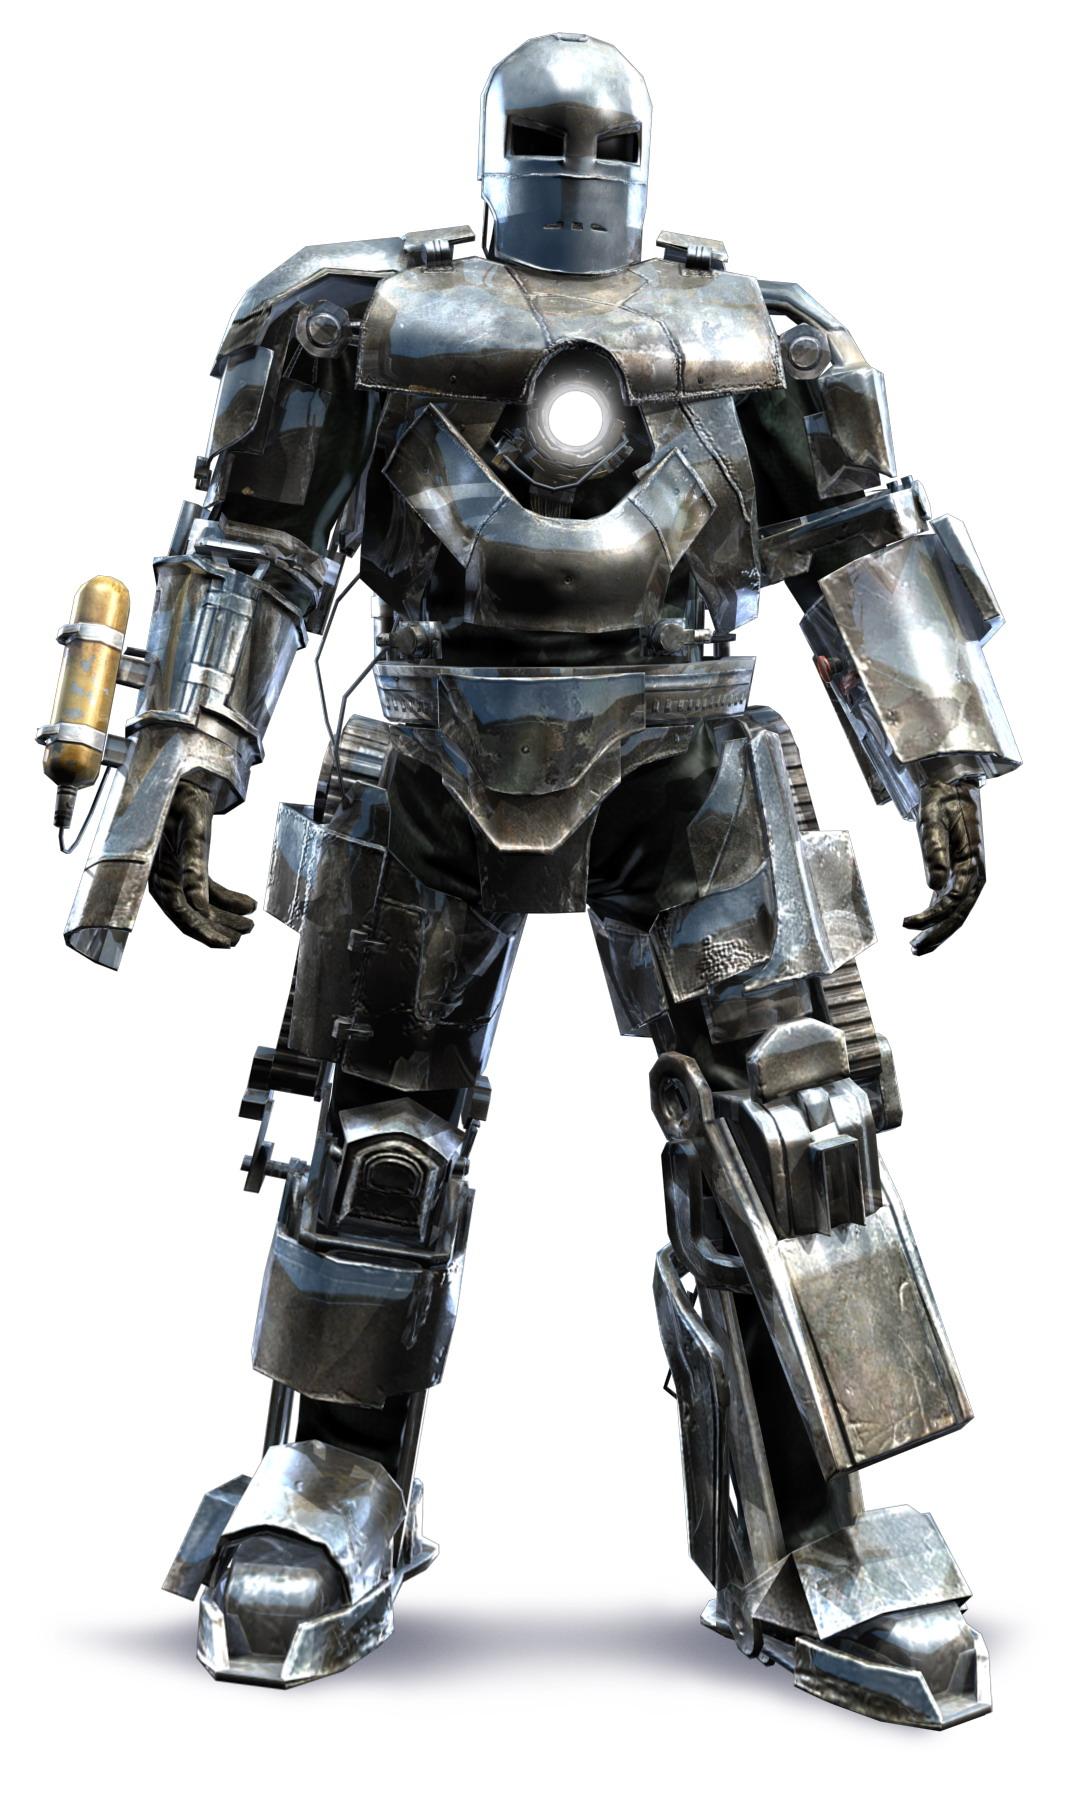 dieselpunk ironman www